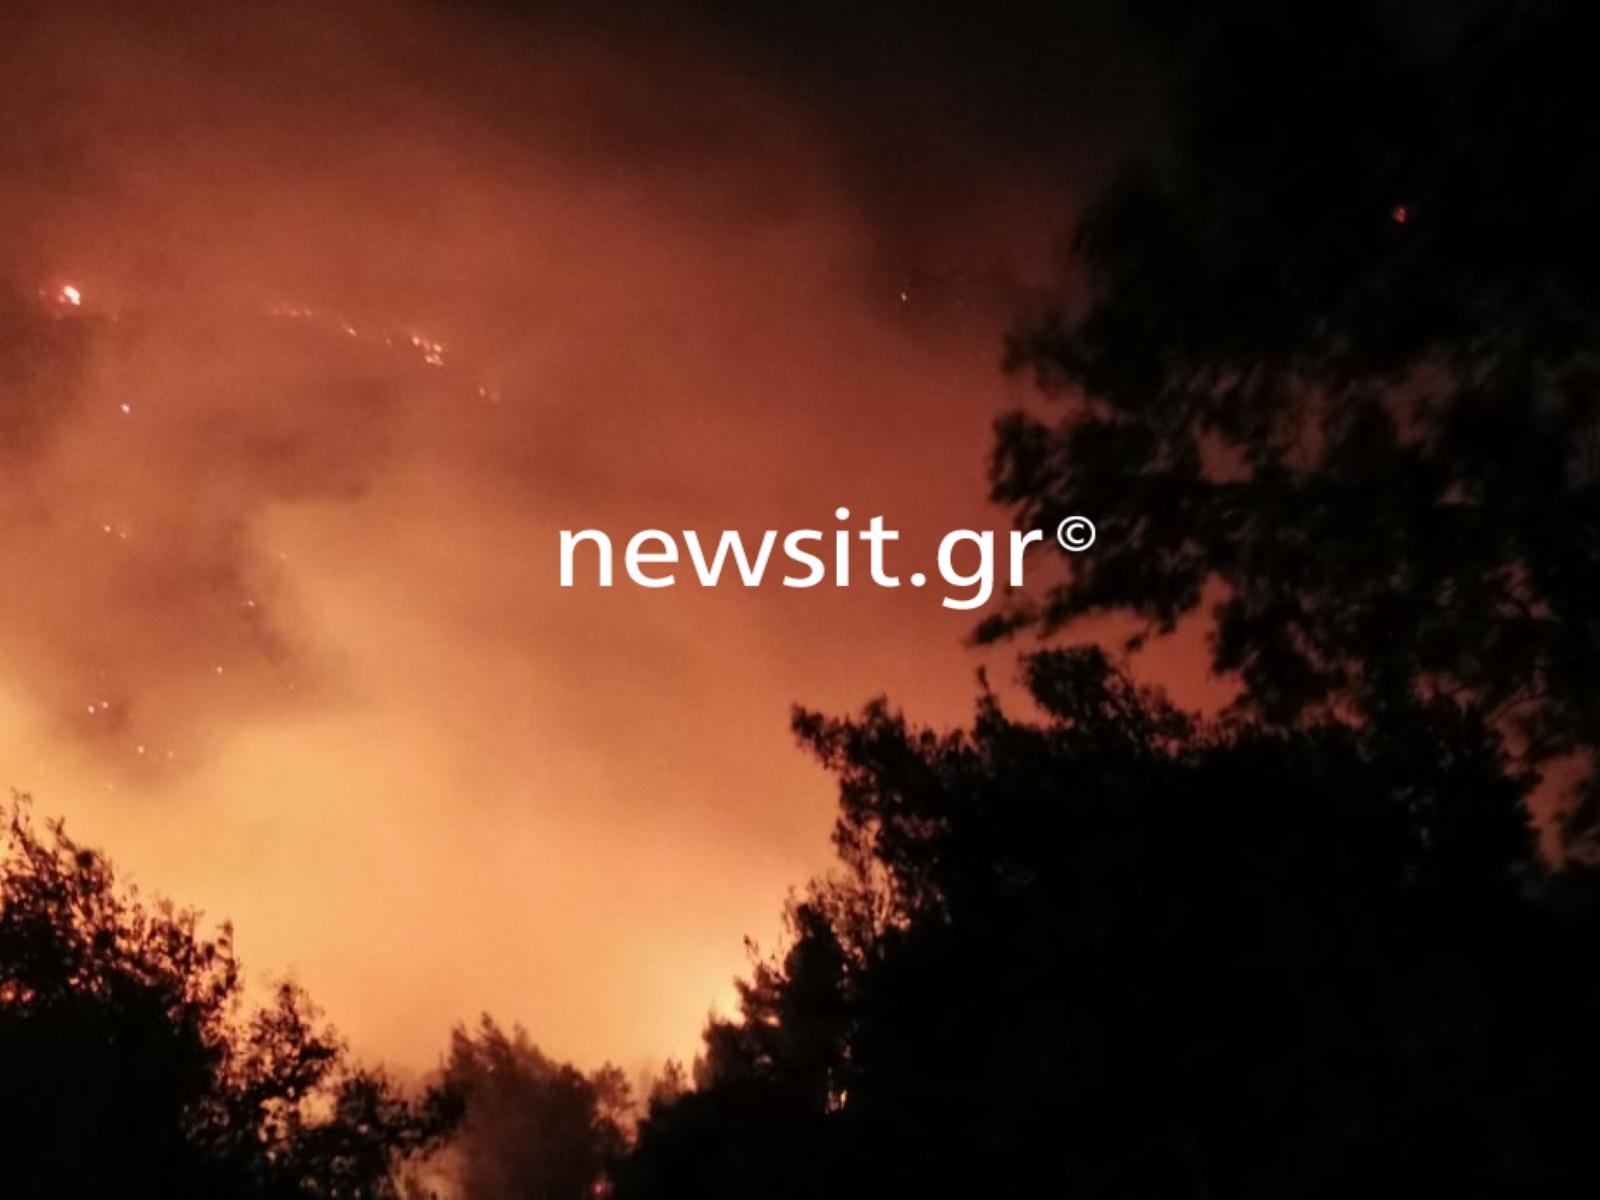 Φωτιά στο Σχίνο: Εκκενώνονται και άλλοι οικισμοί – Νέο μήνυμα από το 112